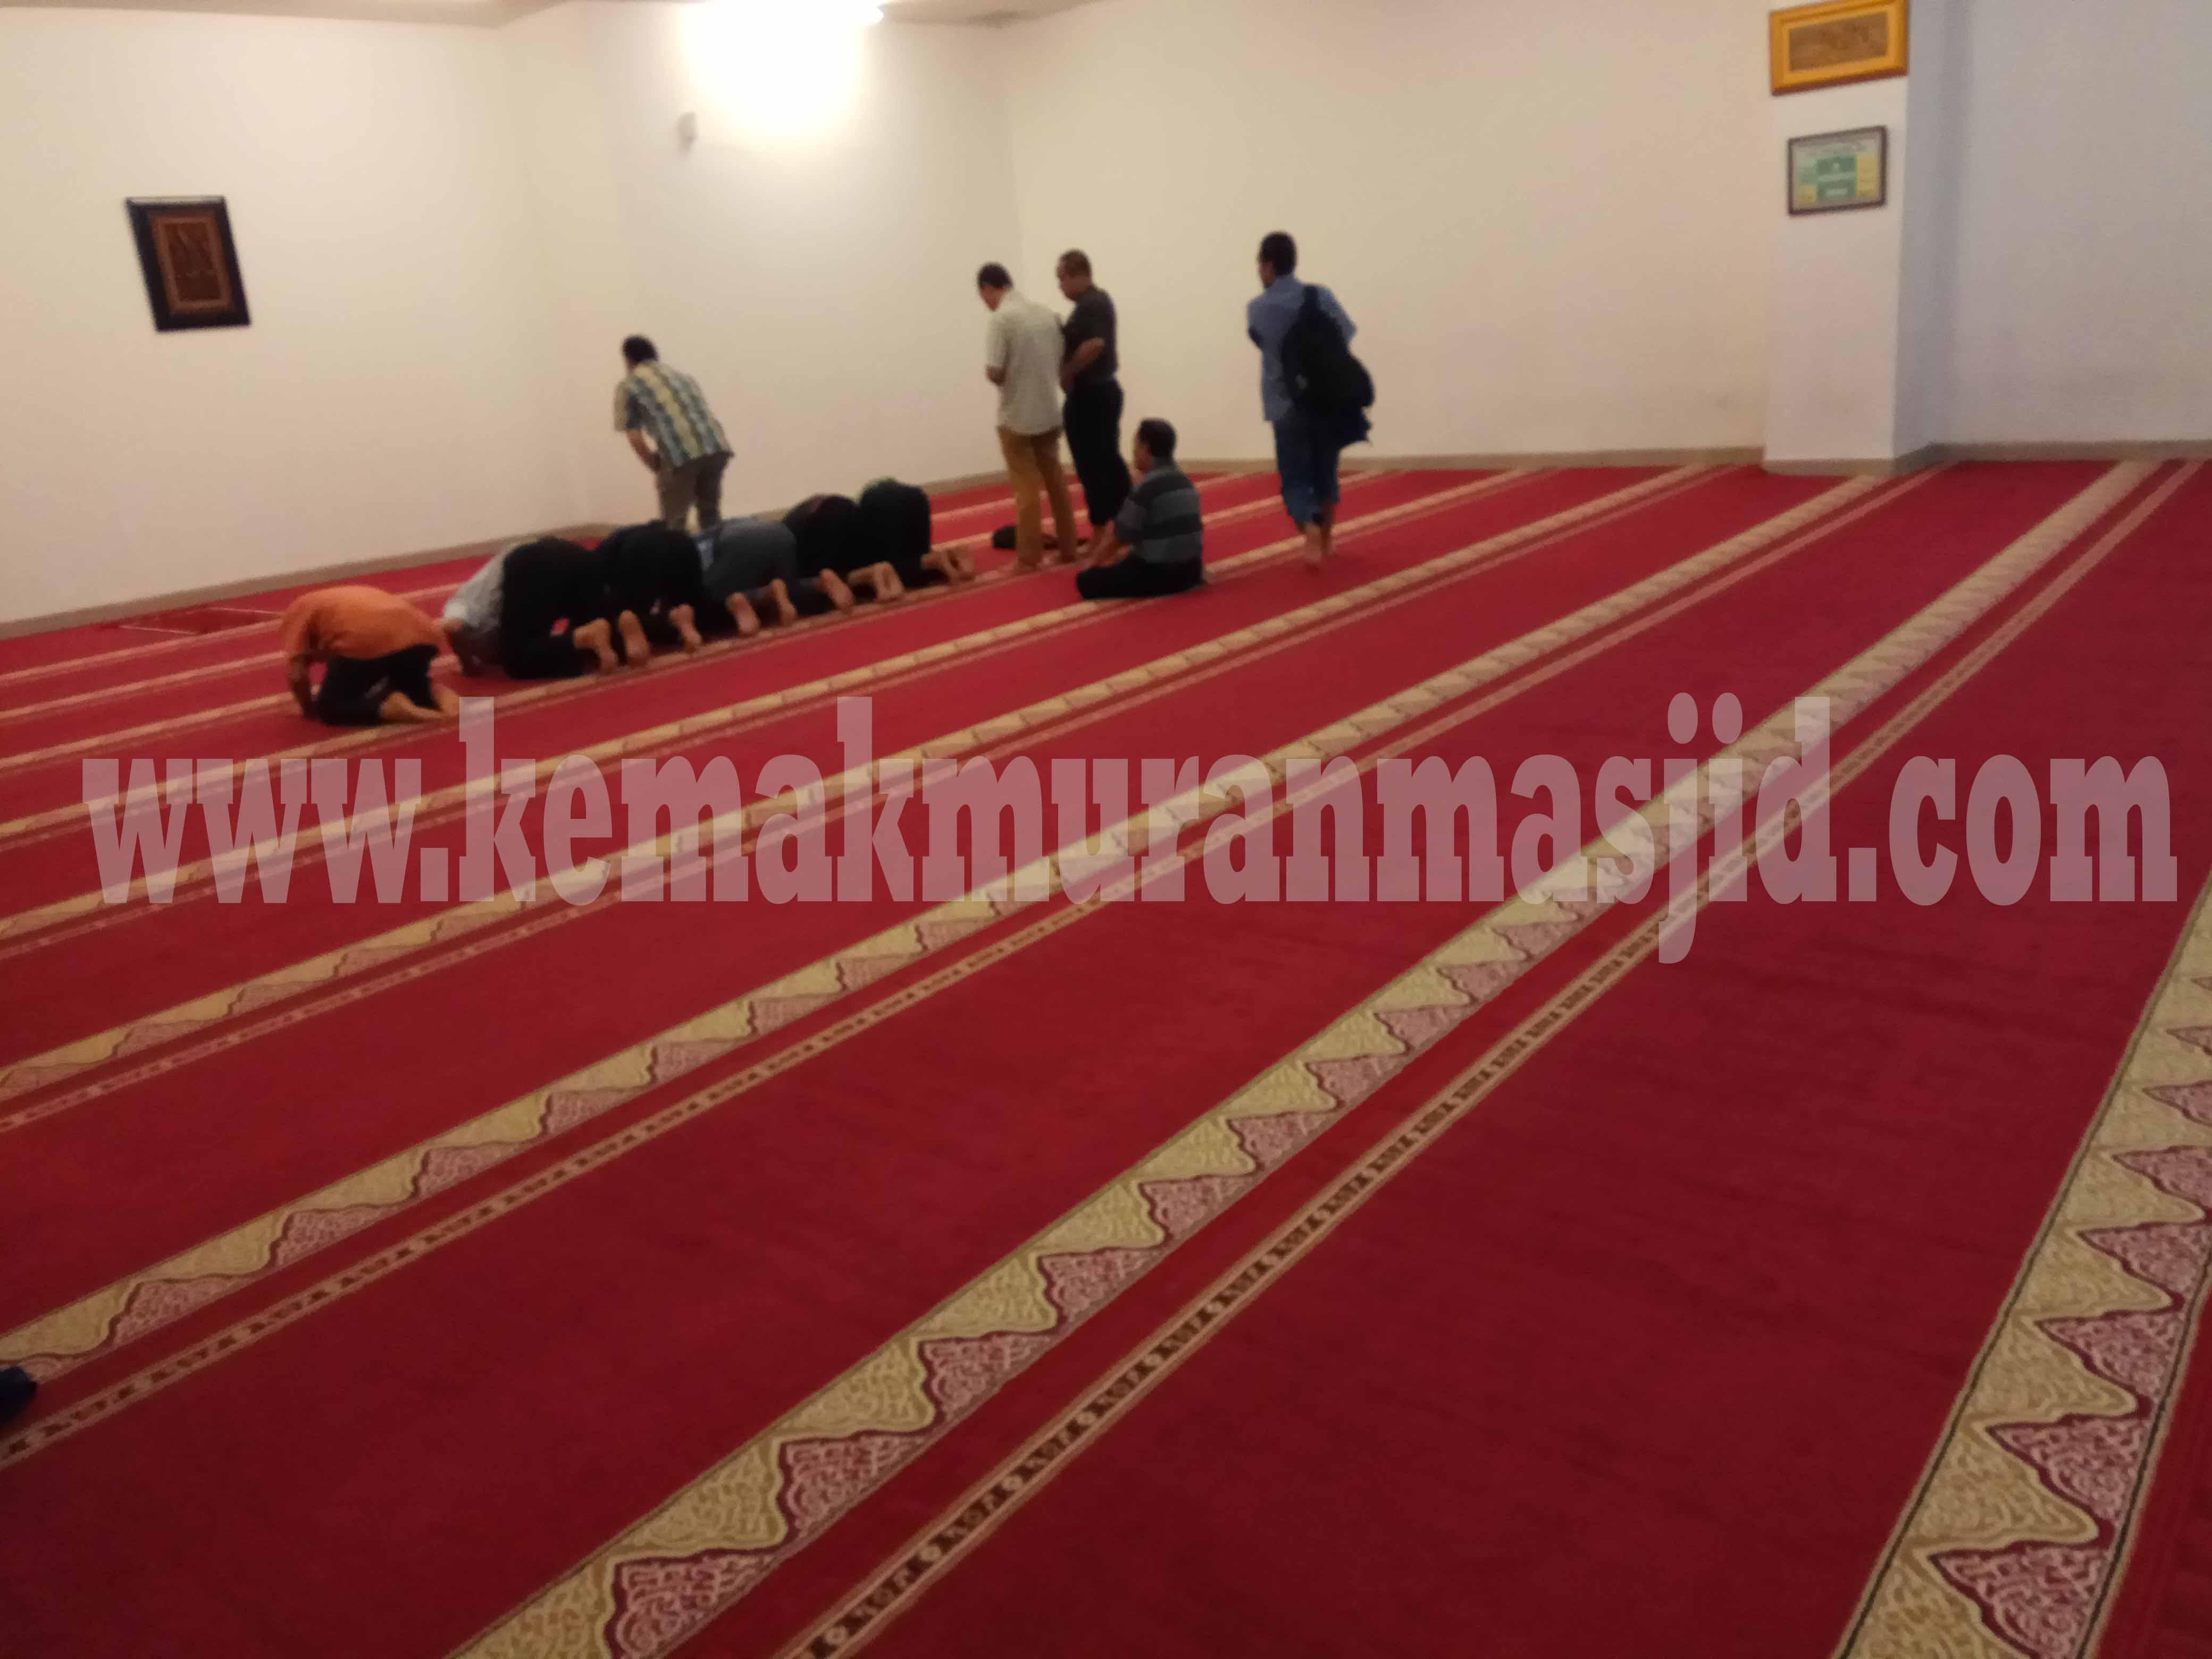 jual karpet masjid di tanah abang harga ekonomis